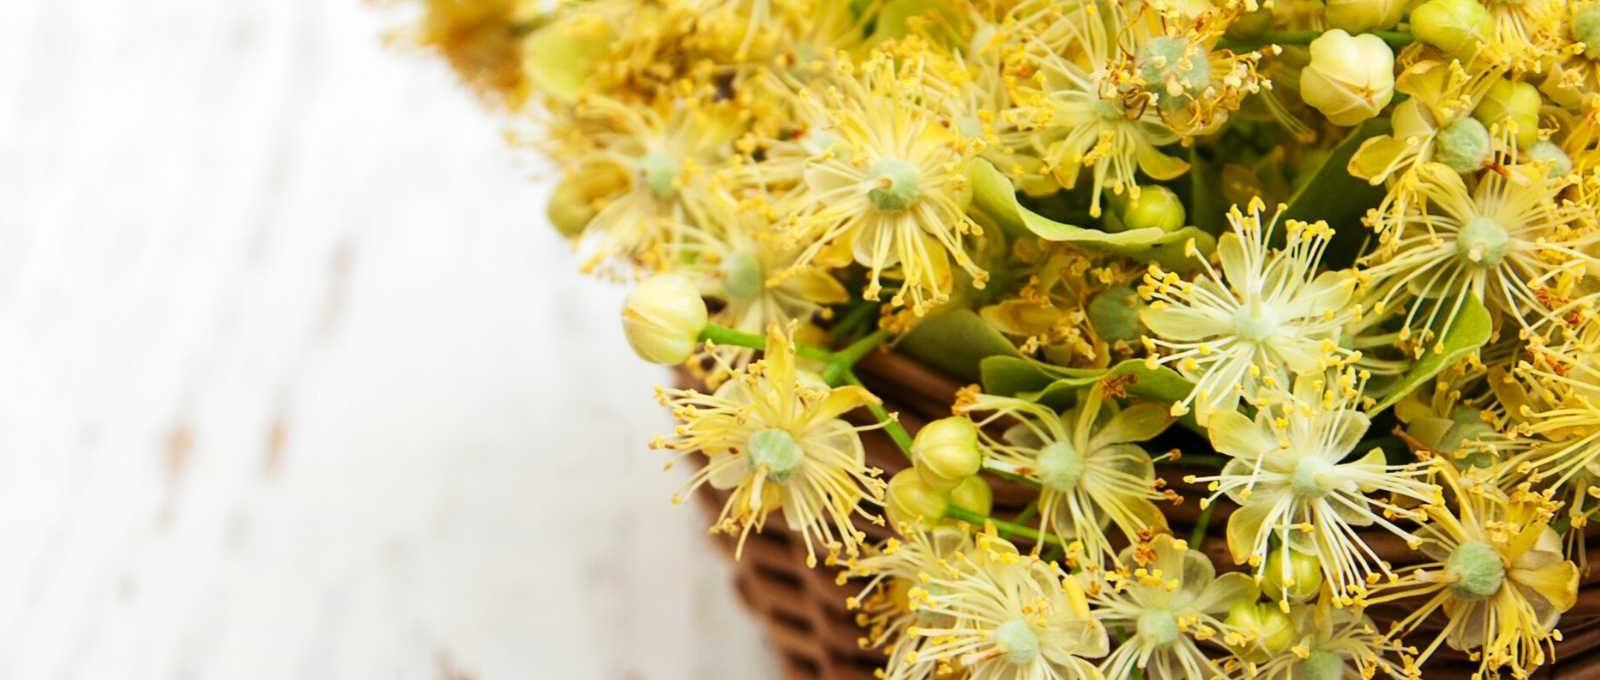 caj od lipe za kosu cvijet lipe cvet lipe za kosu sjaj kose zdravlje